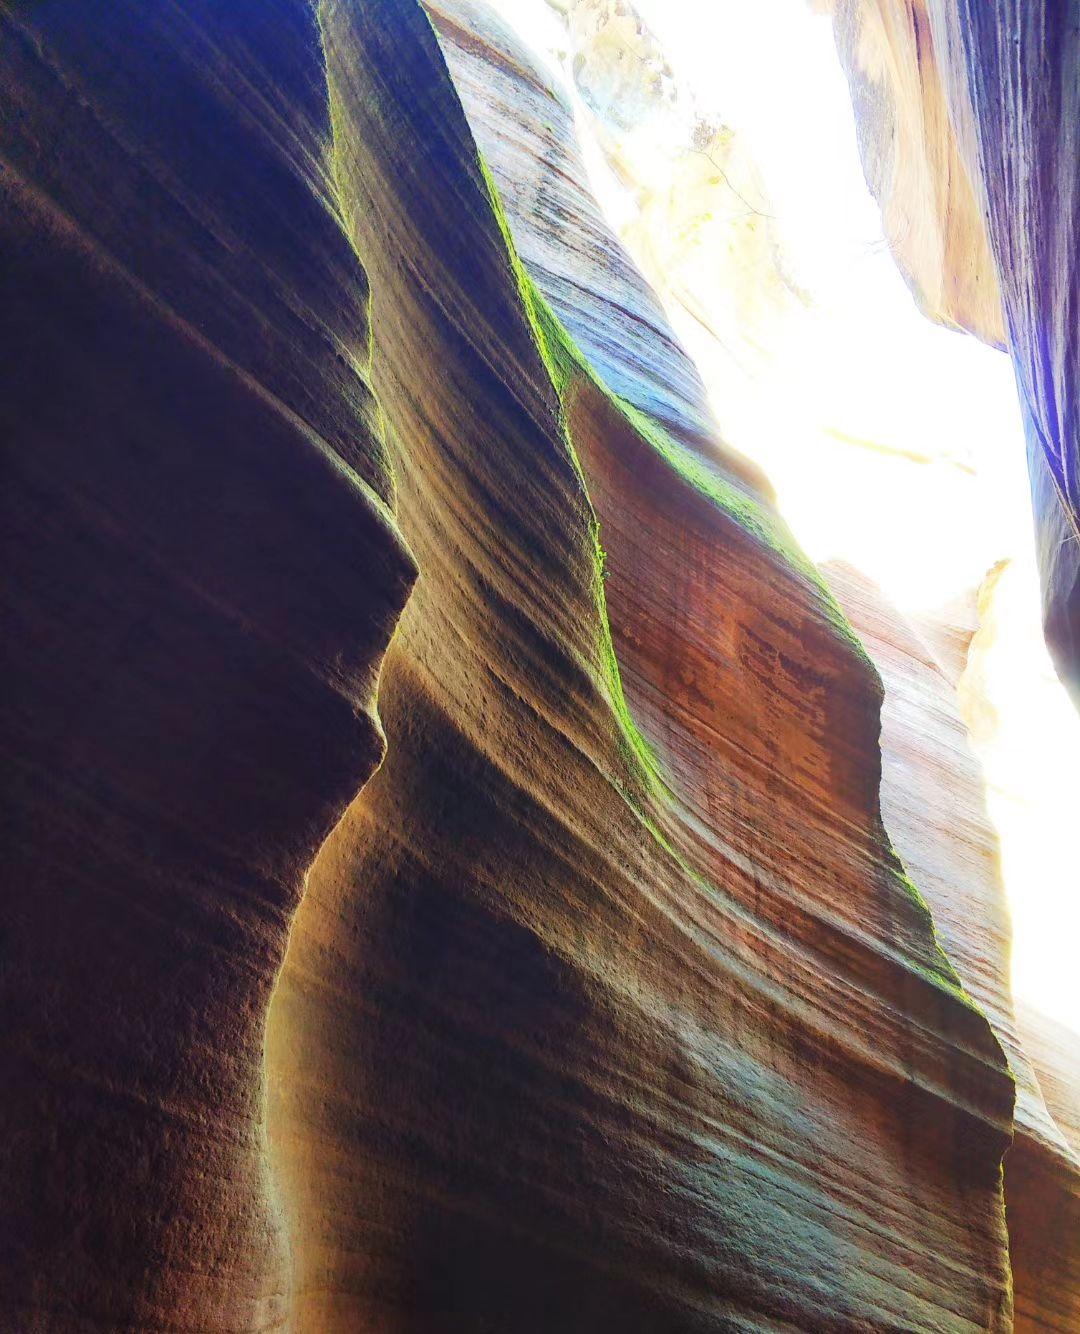 陕西雨岔大峡谷,摄影爱好者者向往的圣地!